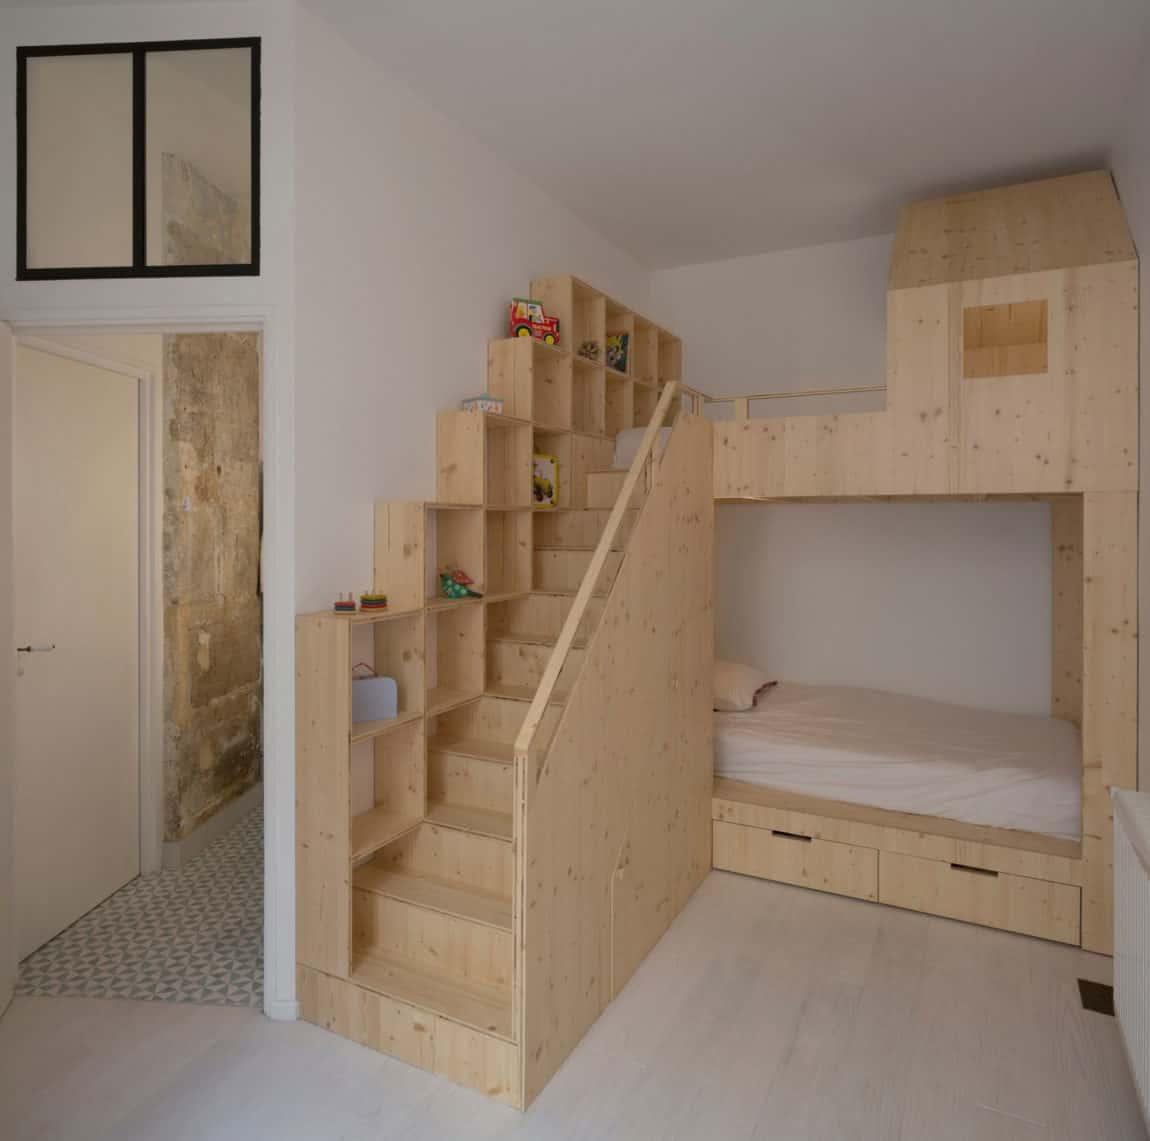 Loft in Paris by Maxime Jansens (18)